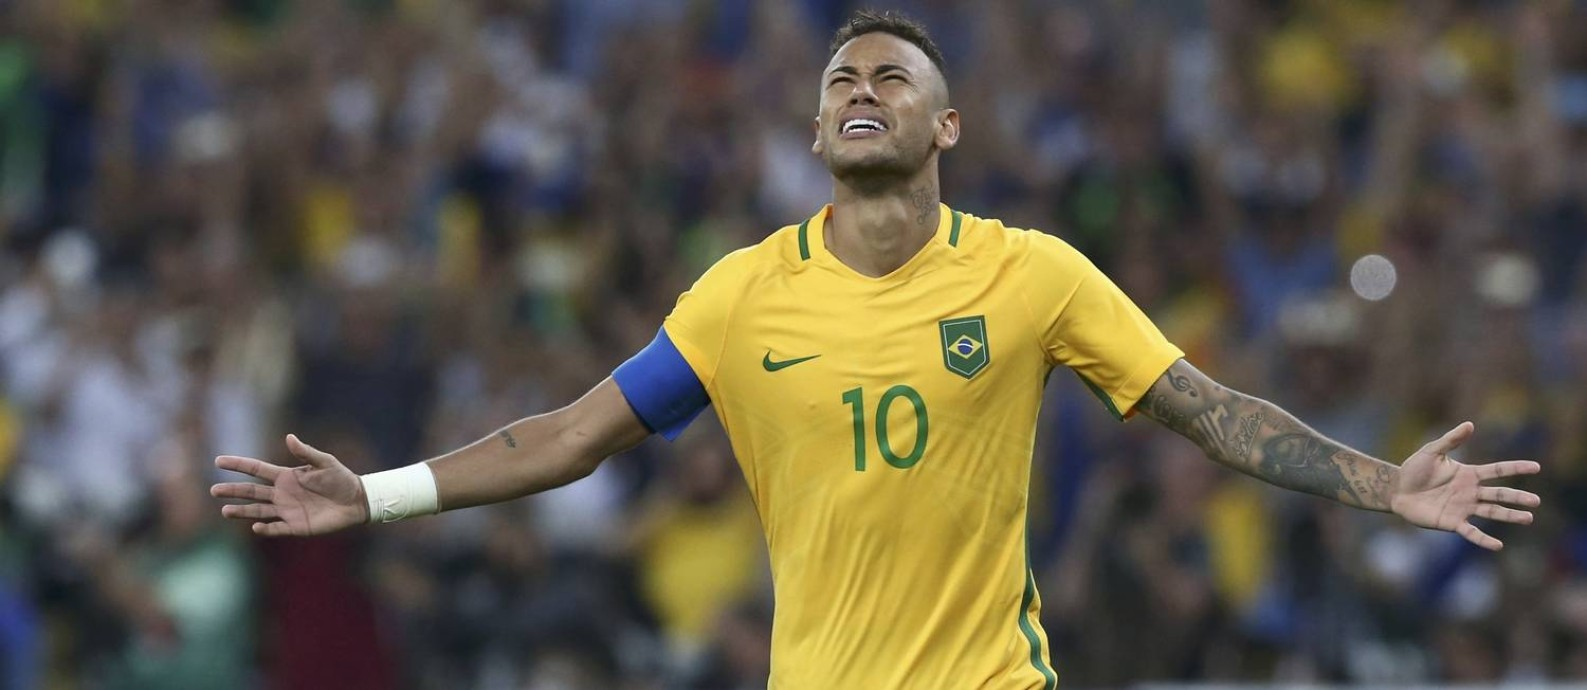 2e514638ff Neymar fecha os olhos e comemora o gol decisivo que marcou nas cobranças de  pênalti contra